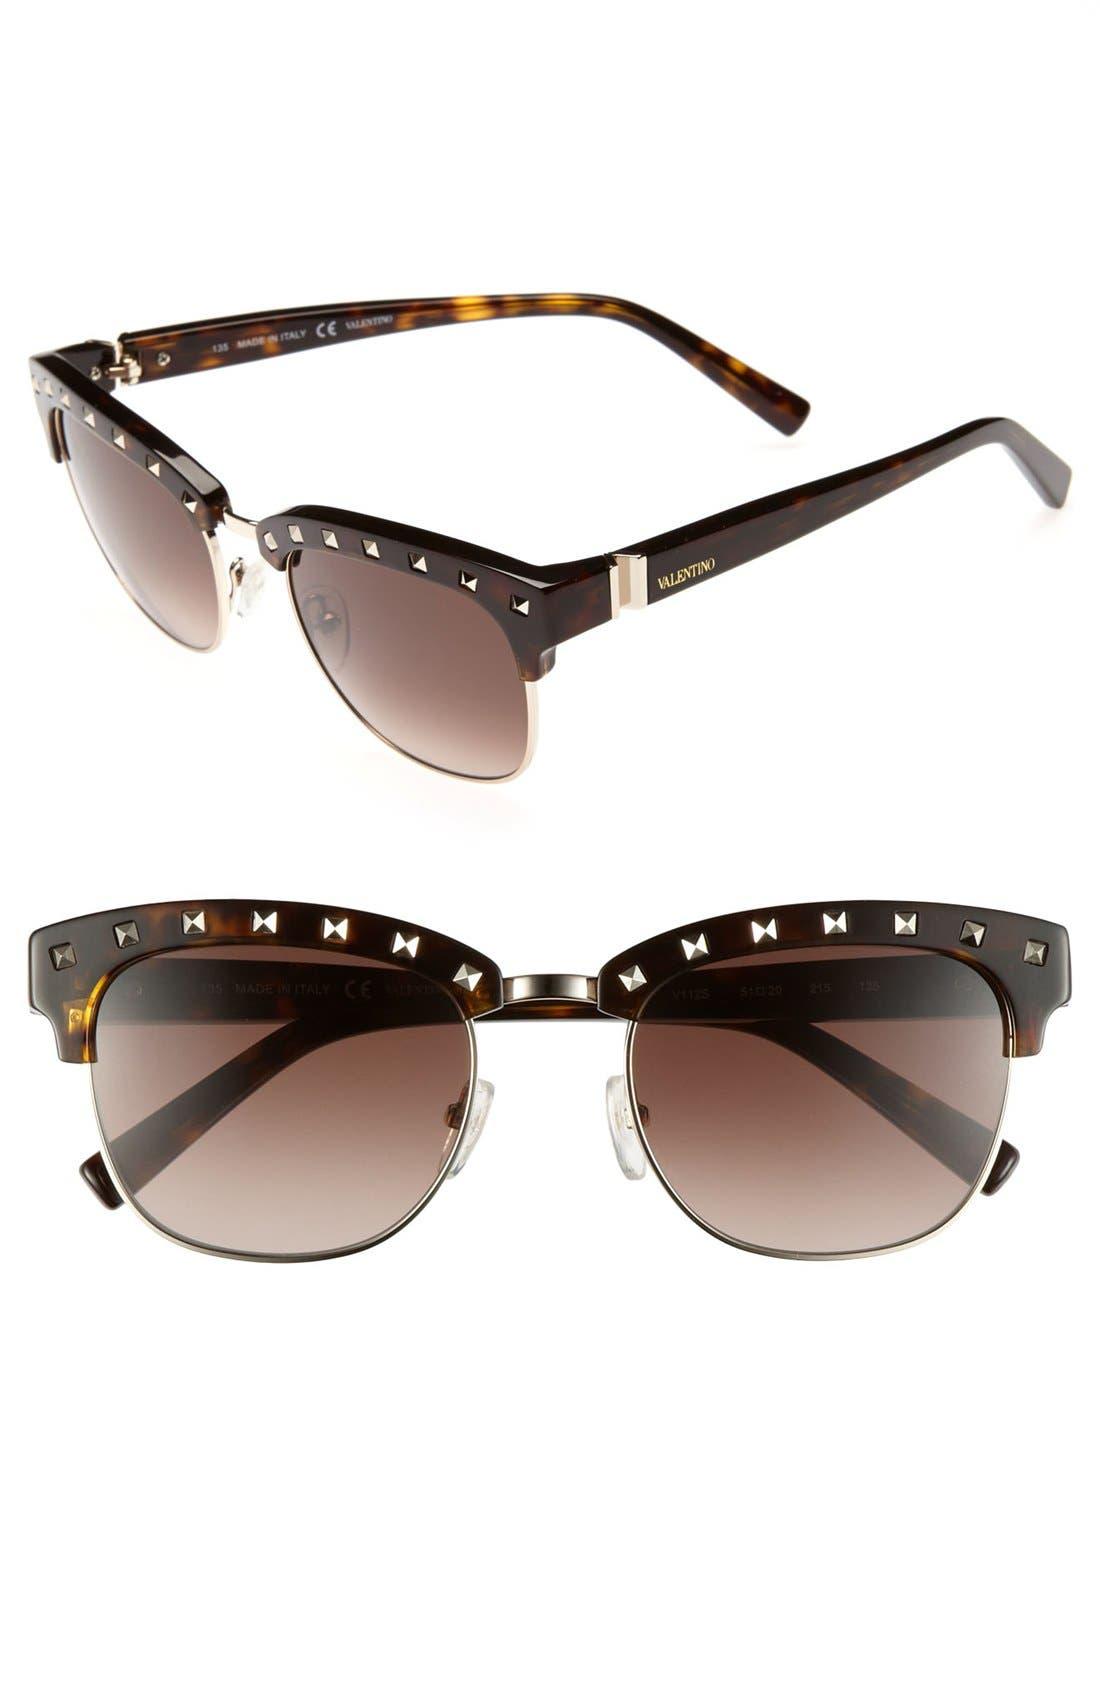 Alternate Image 1 Selected - Valentino 51mm 'Rockstud' Sunglasses